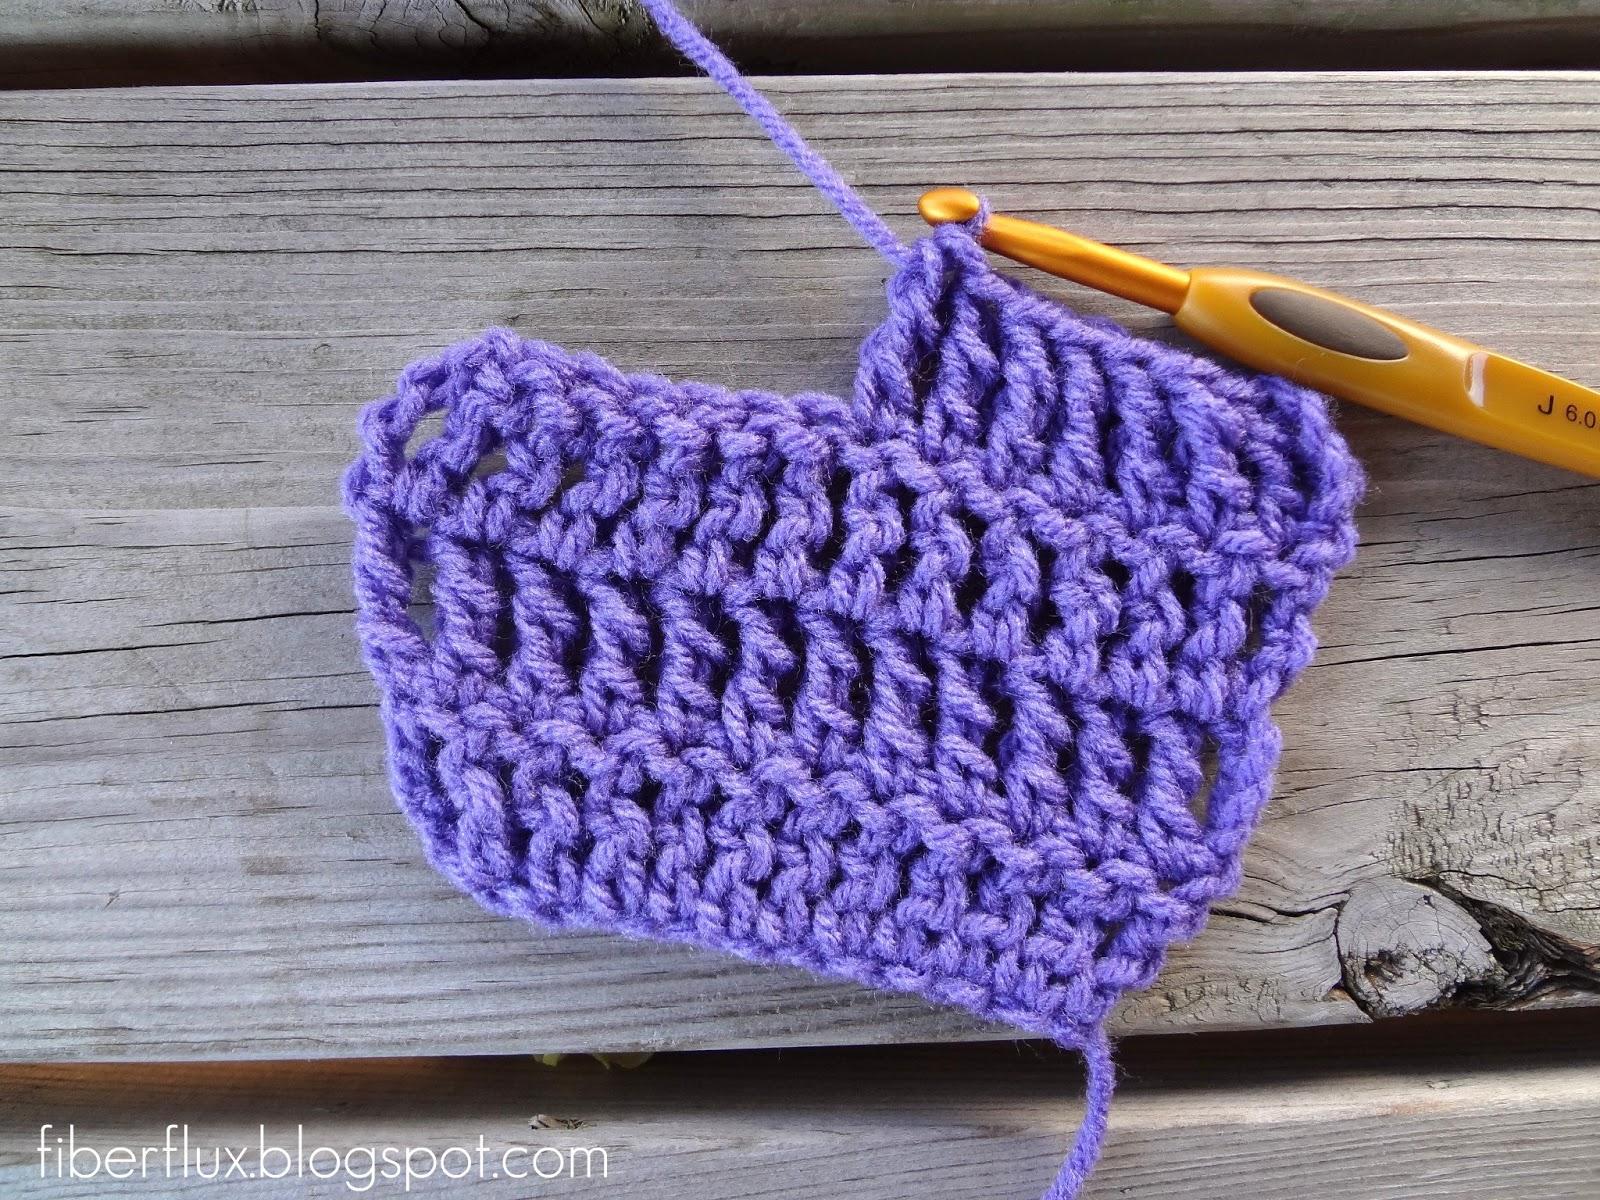 Fiber Flux: How to Treble Crochet